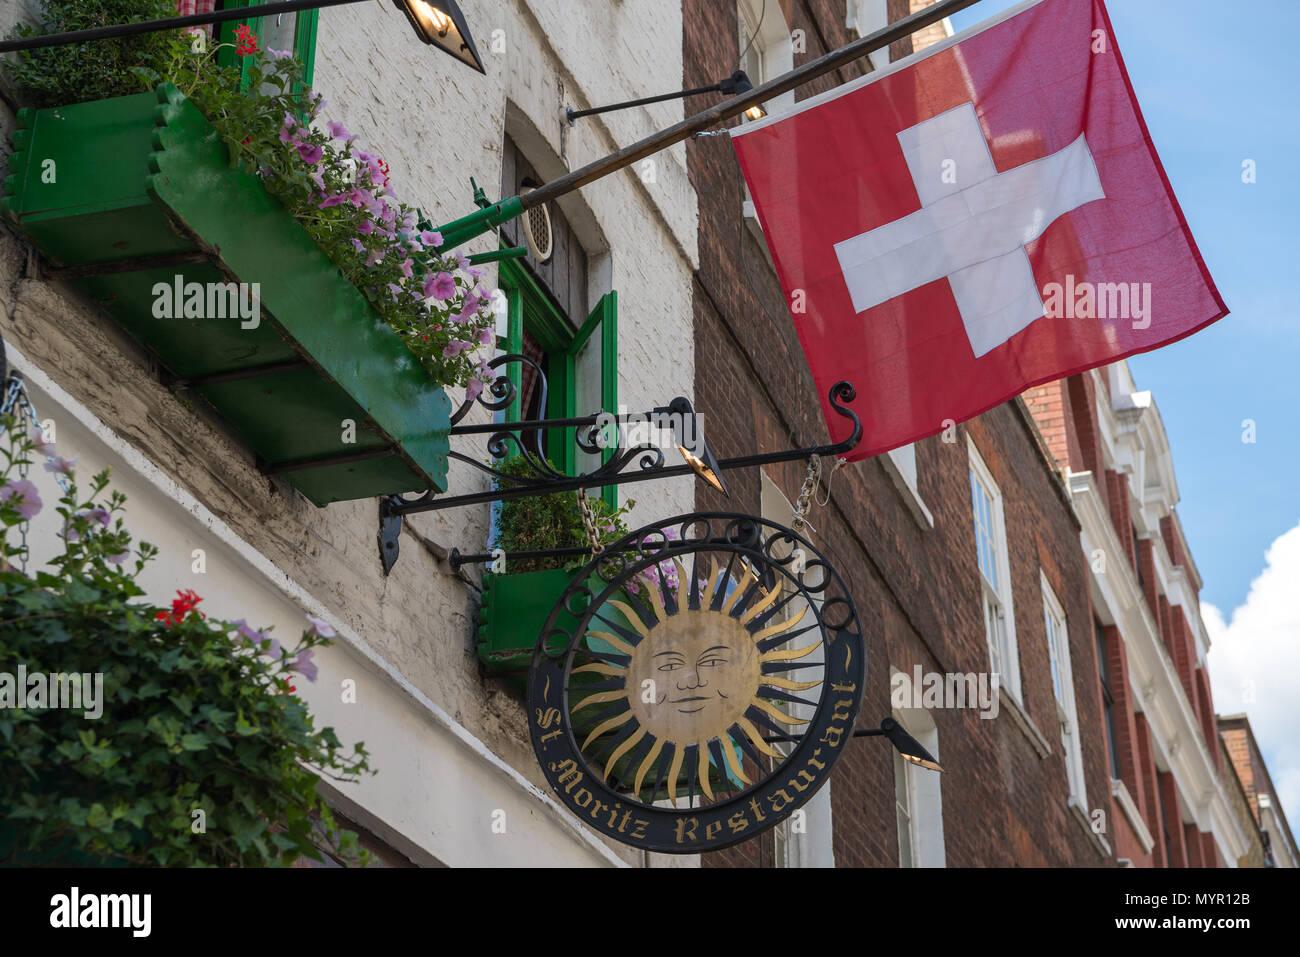 Sign and Swiss flag outside the St. Moritz restaurant, Wardour Street, Soho, London, England, UK - Stock Image